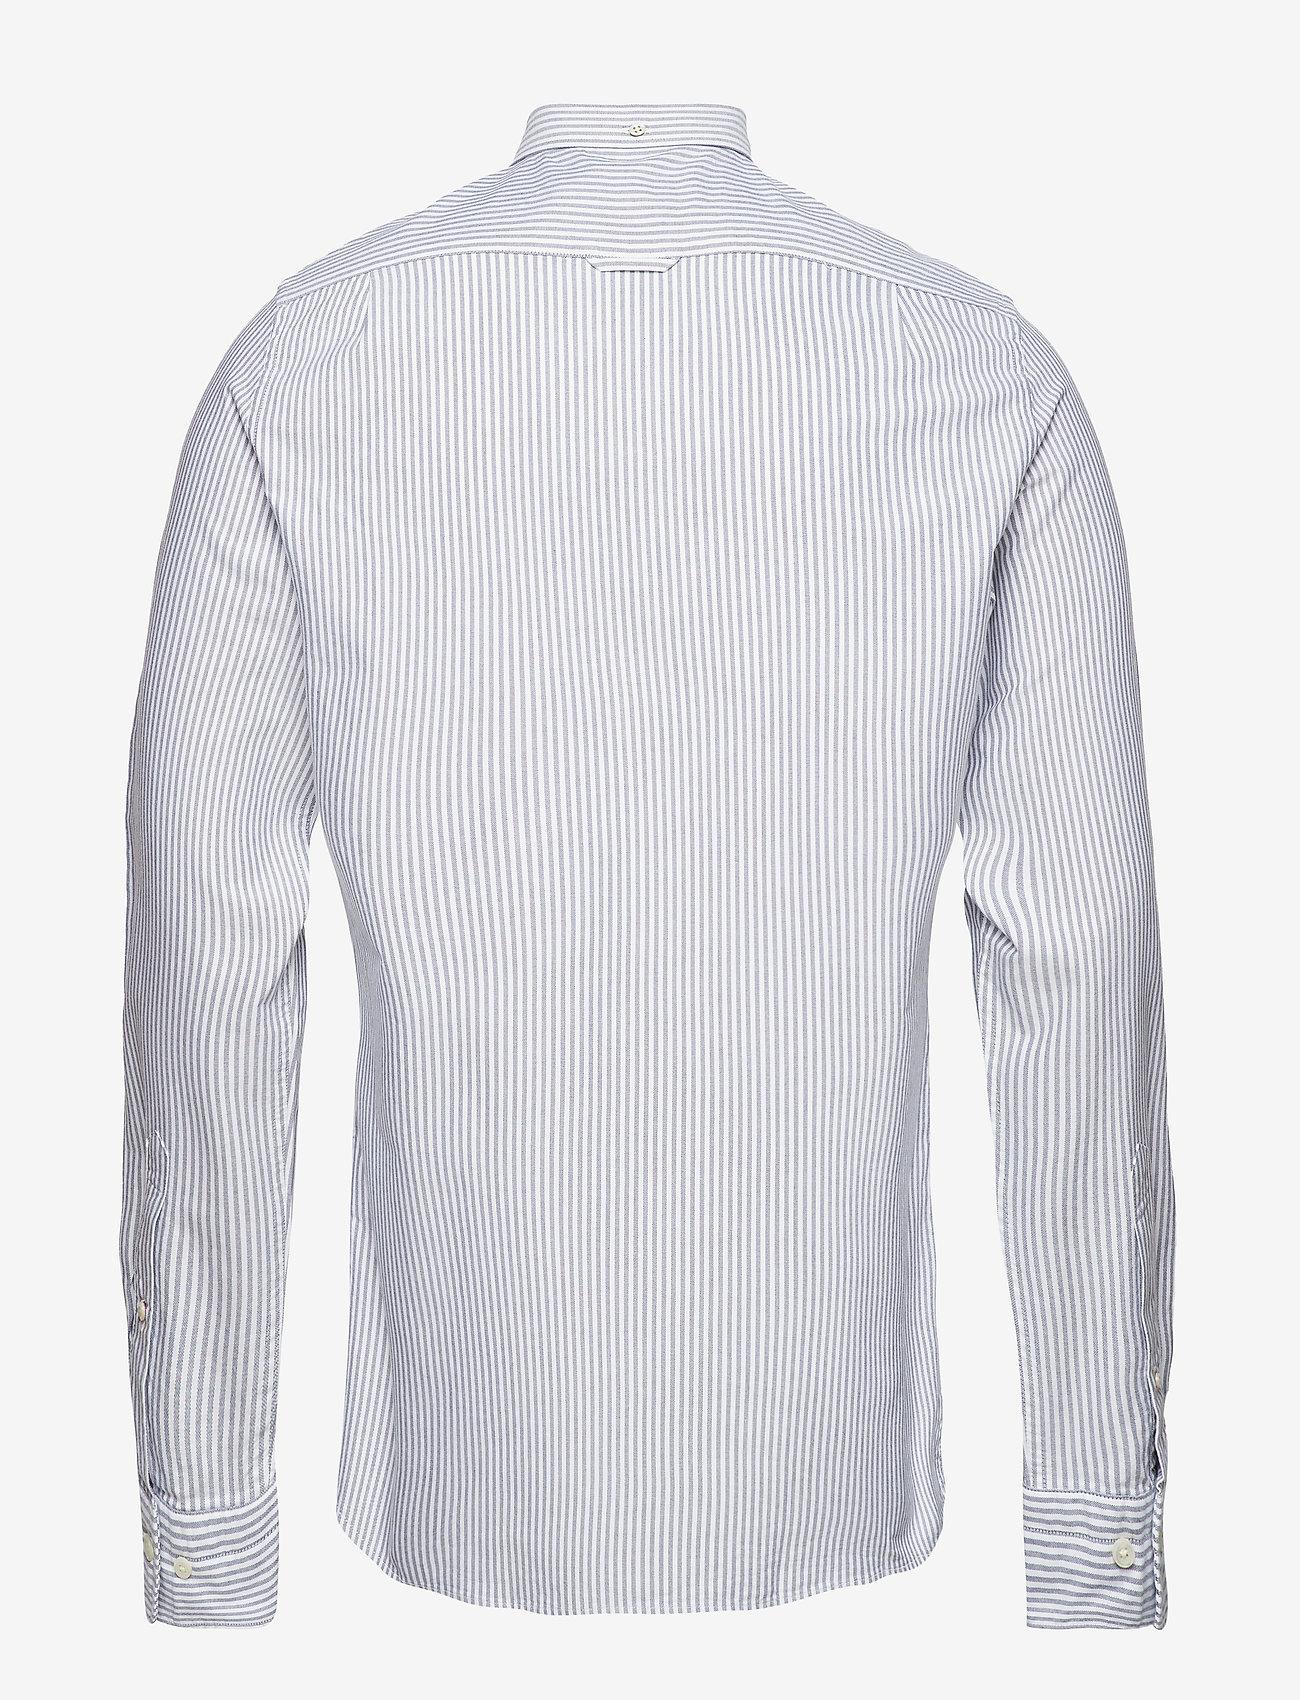 GANT SLIM OXFORD BANKER BD - Skjorter PERSIAN BLUE - Menn Klær